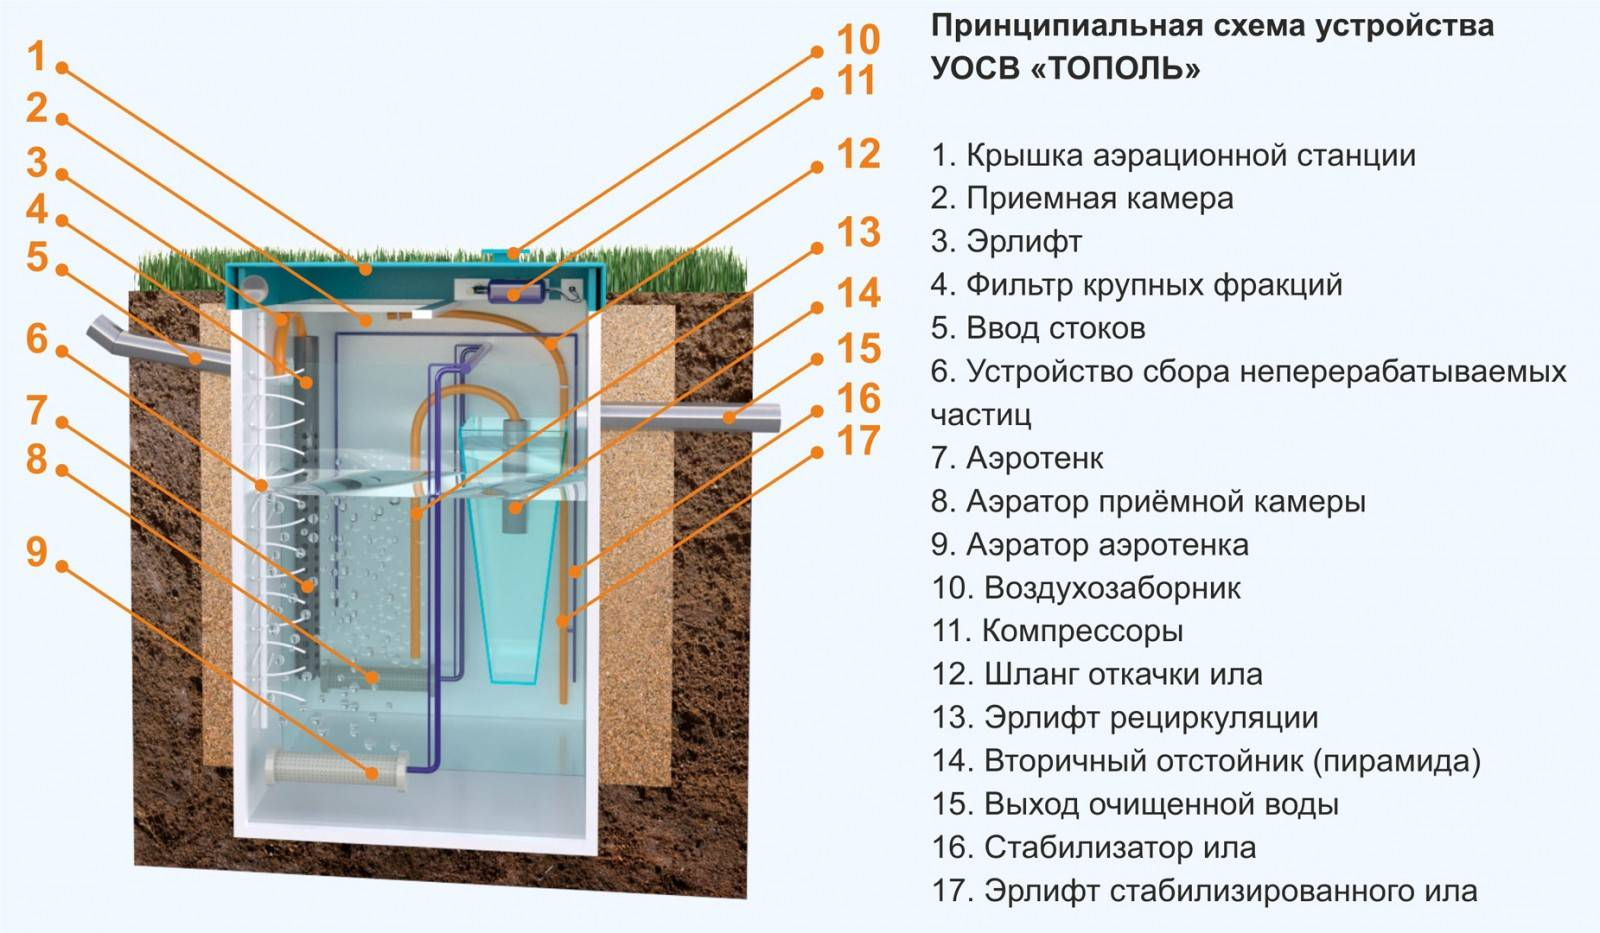 Подробный принцип работы станции топас - все о септиках